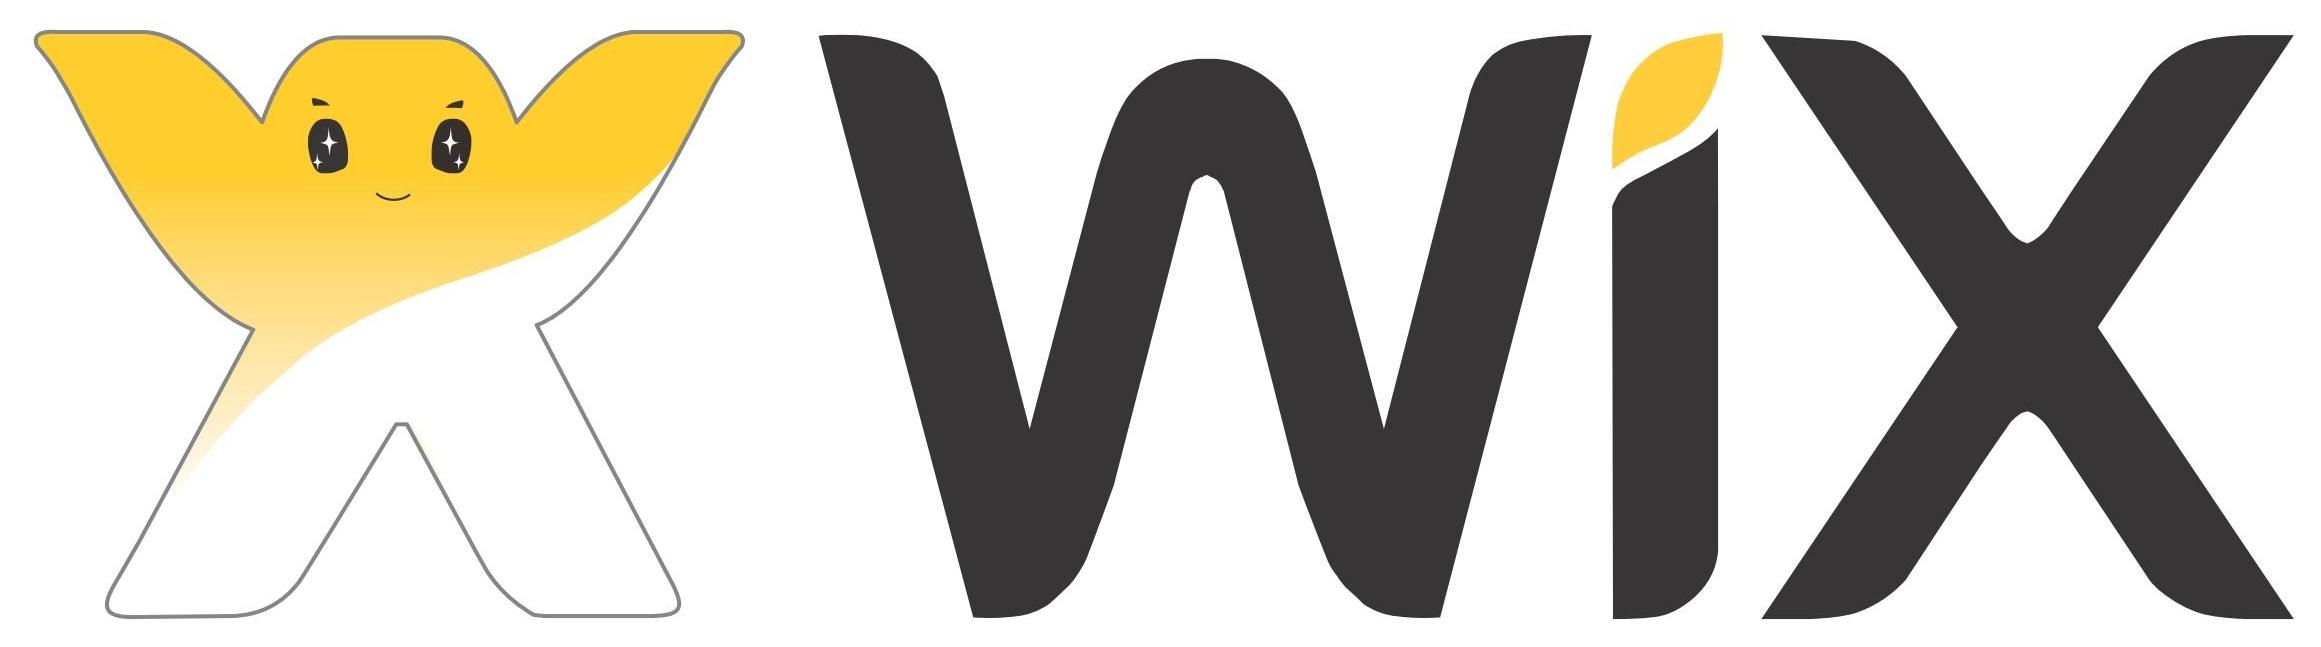 how to make website with wix.com